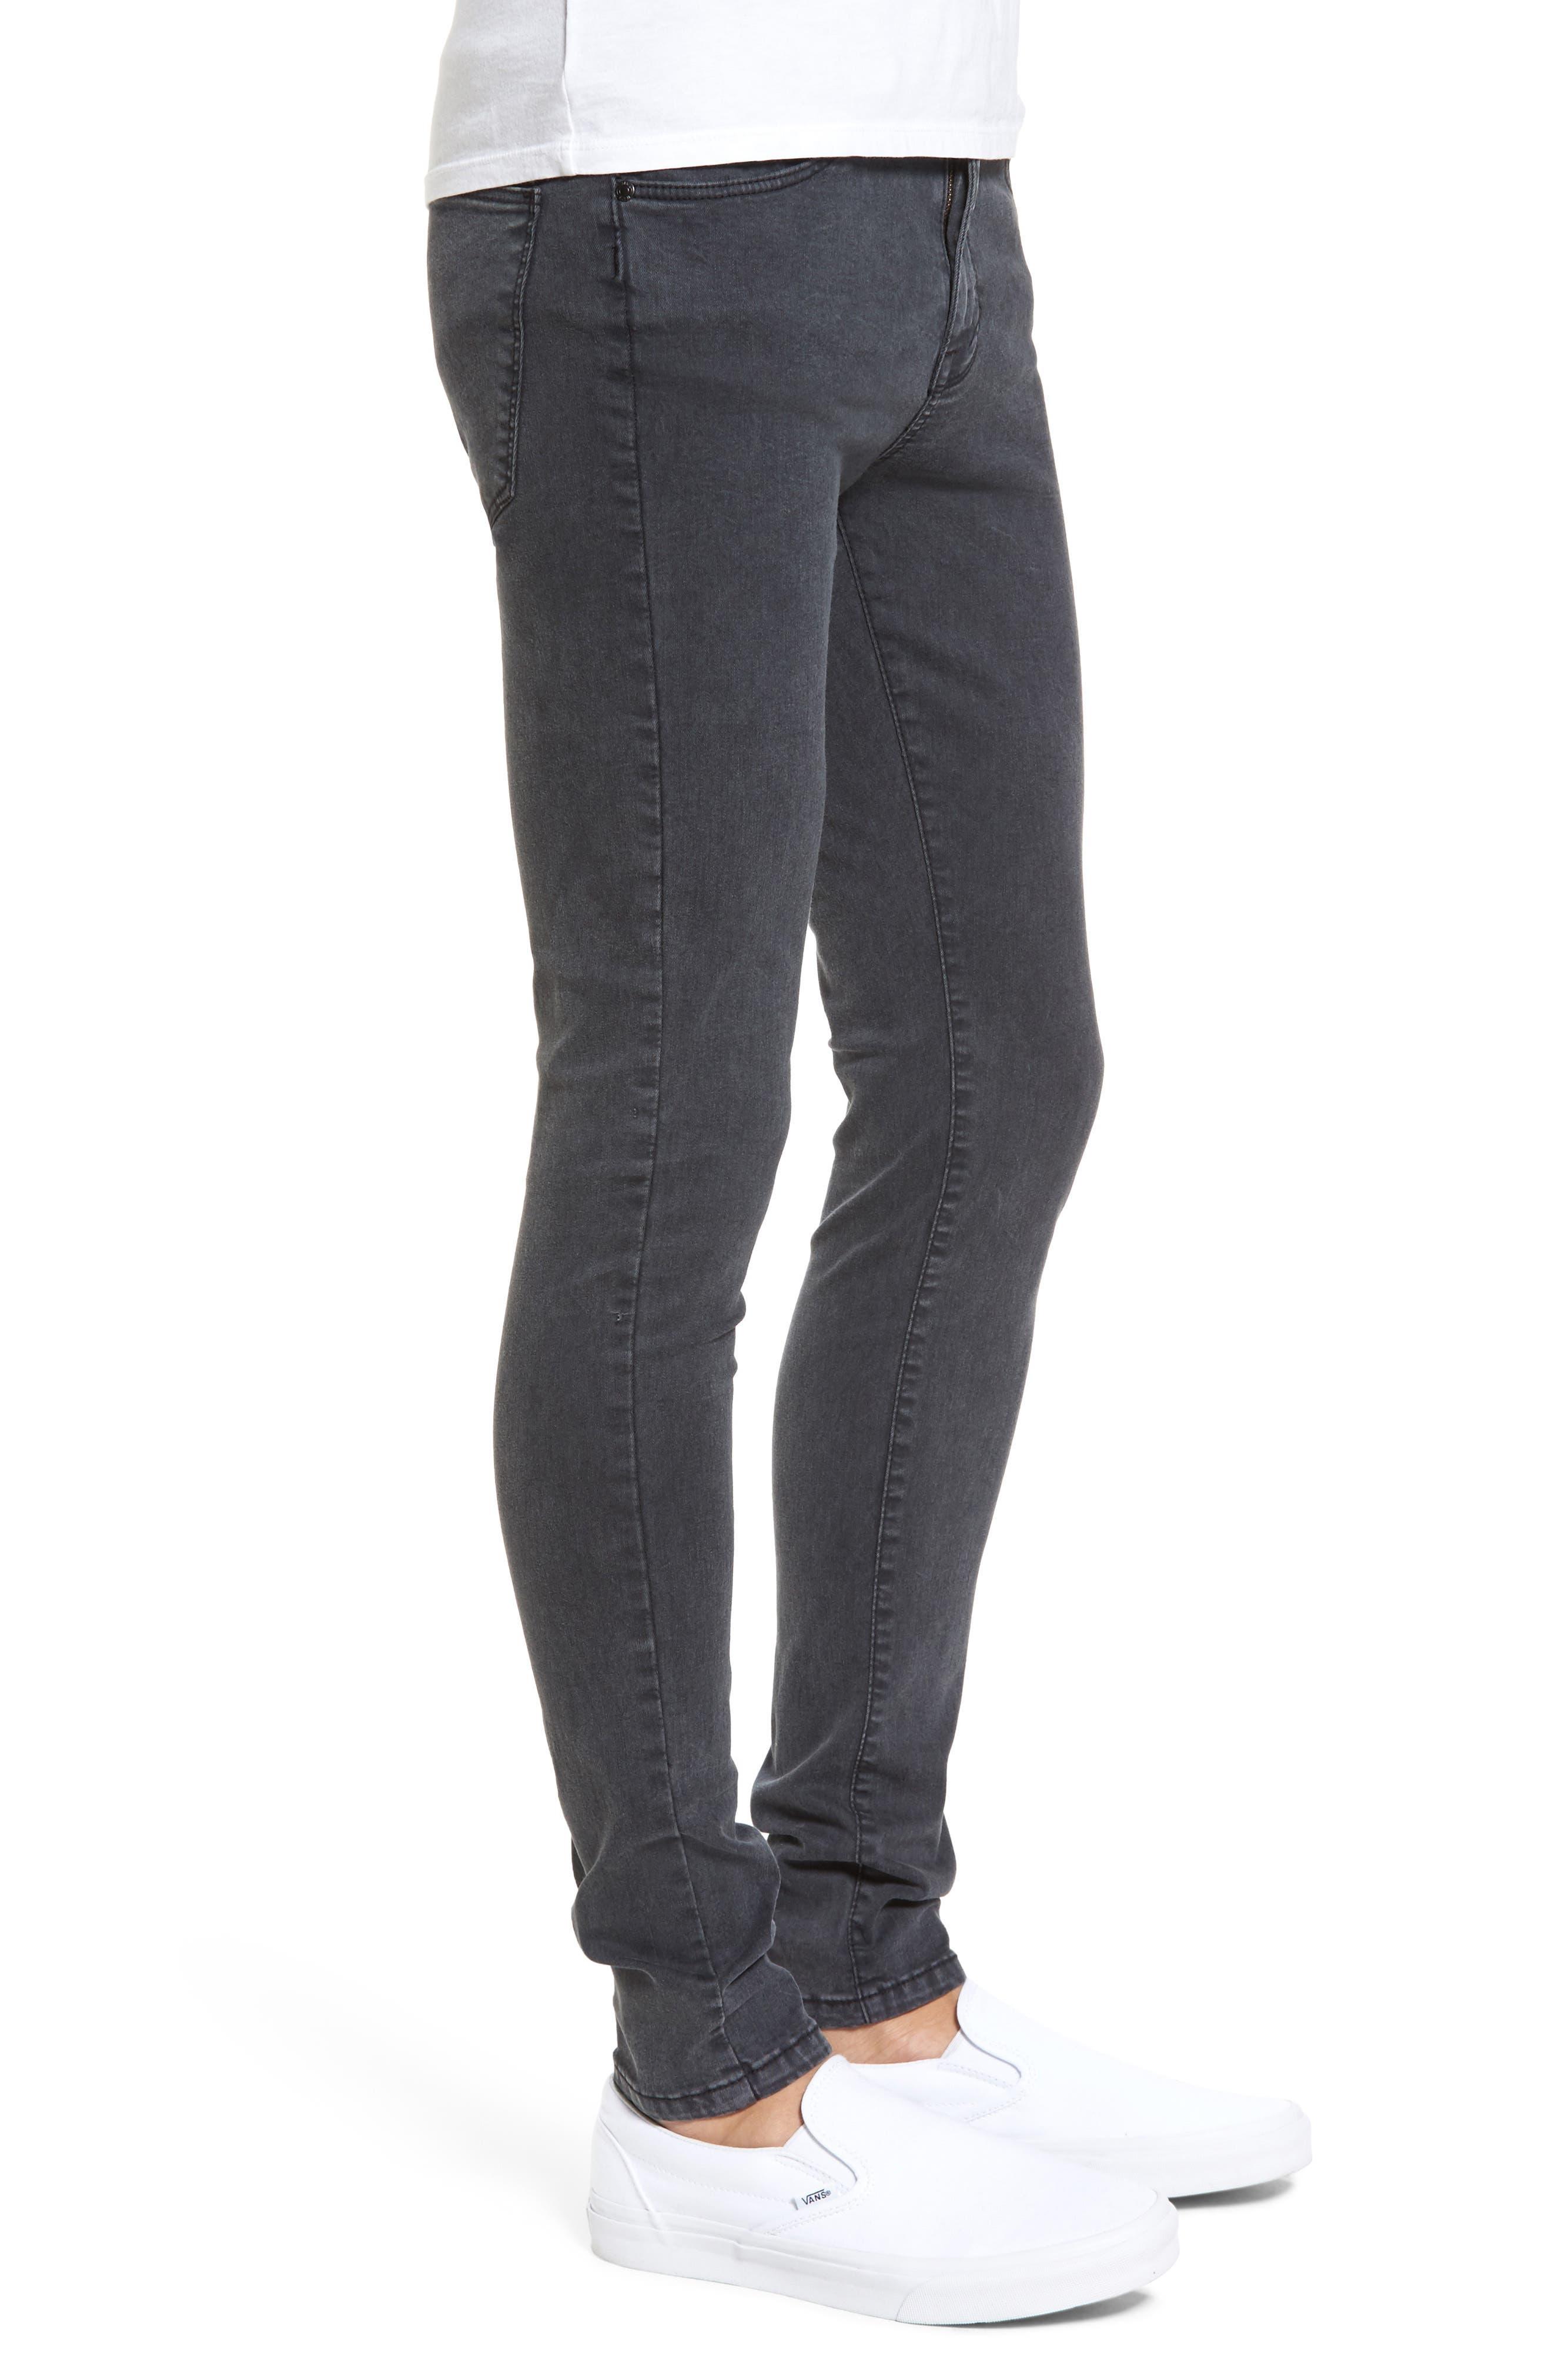 Leroy Slim Fit Jeans,                             Alternate thumbnail 3, color,                             020